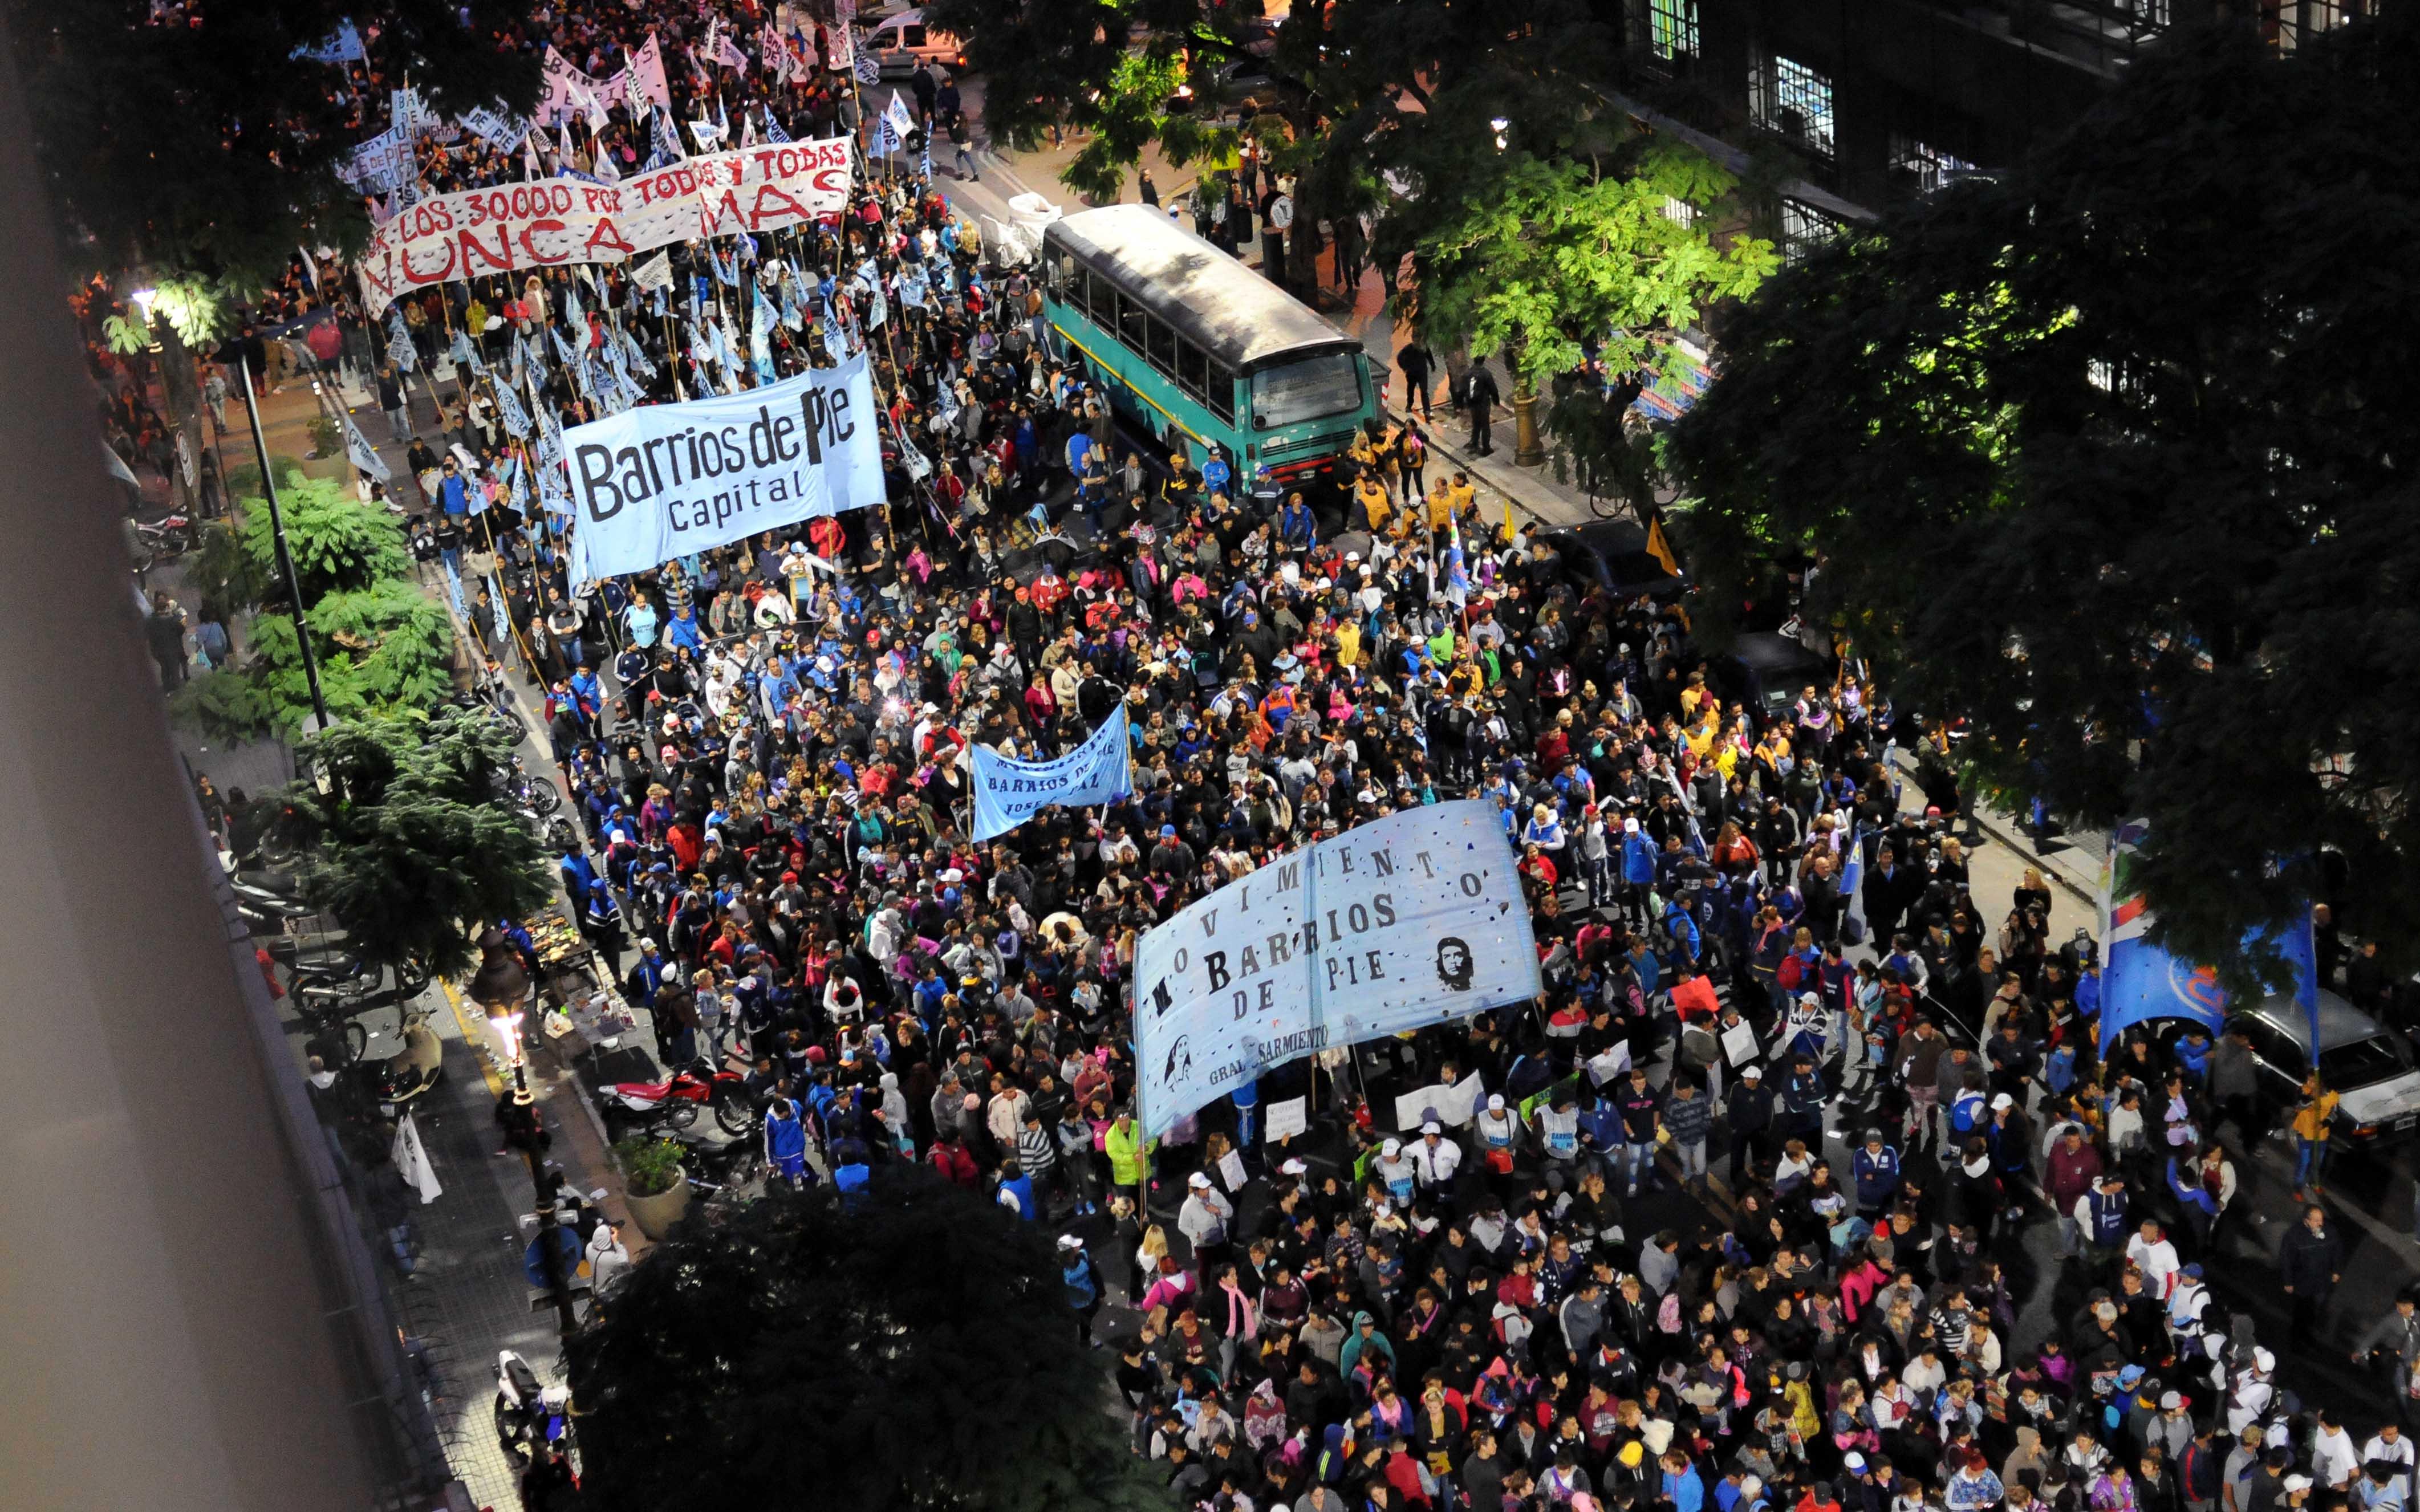 DYN42, BUENOS AIRES 10/05/17, DURANTE LA MARCHA CONTRA EL 2X1.FOTO:DYN/CARLOS GRECO.